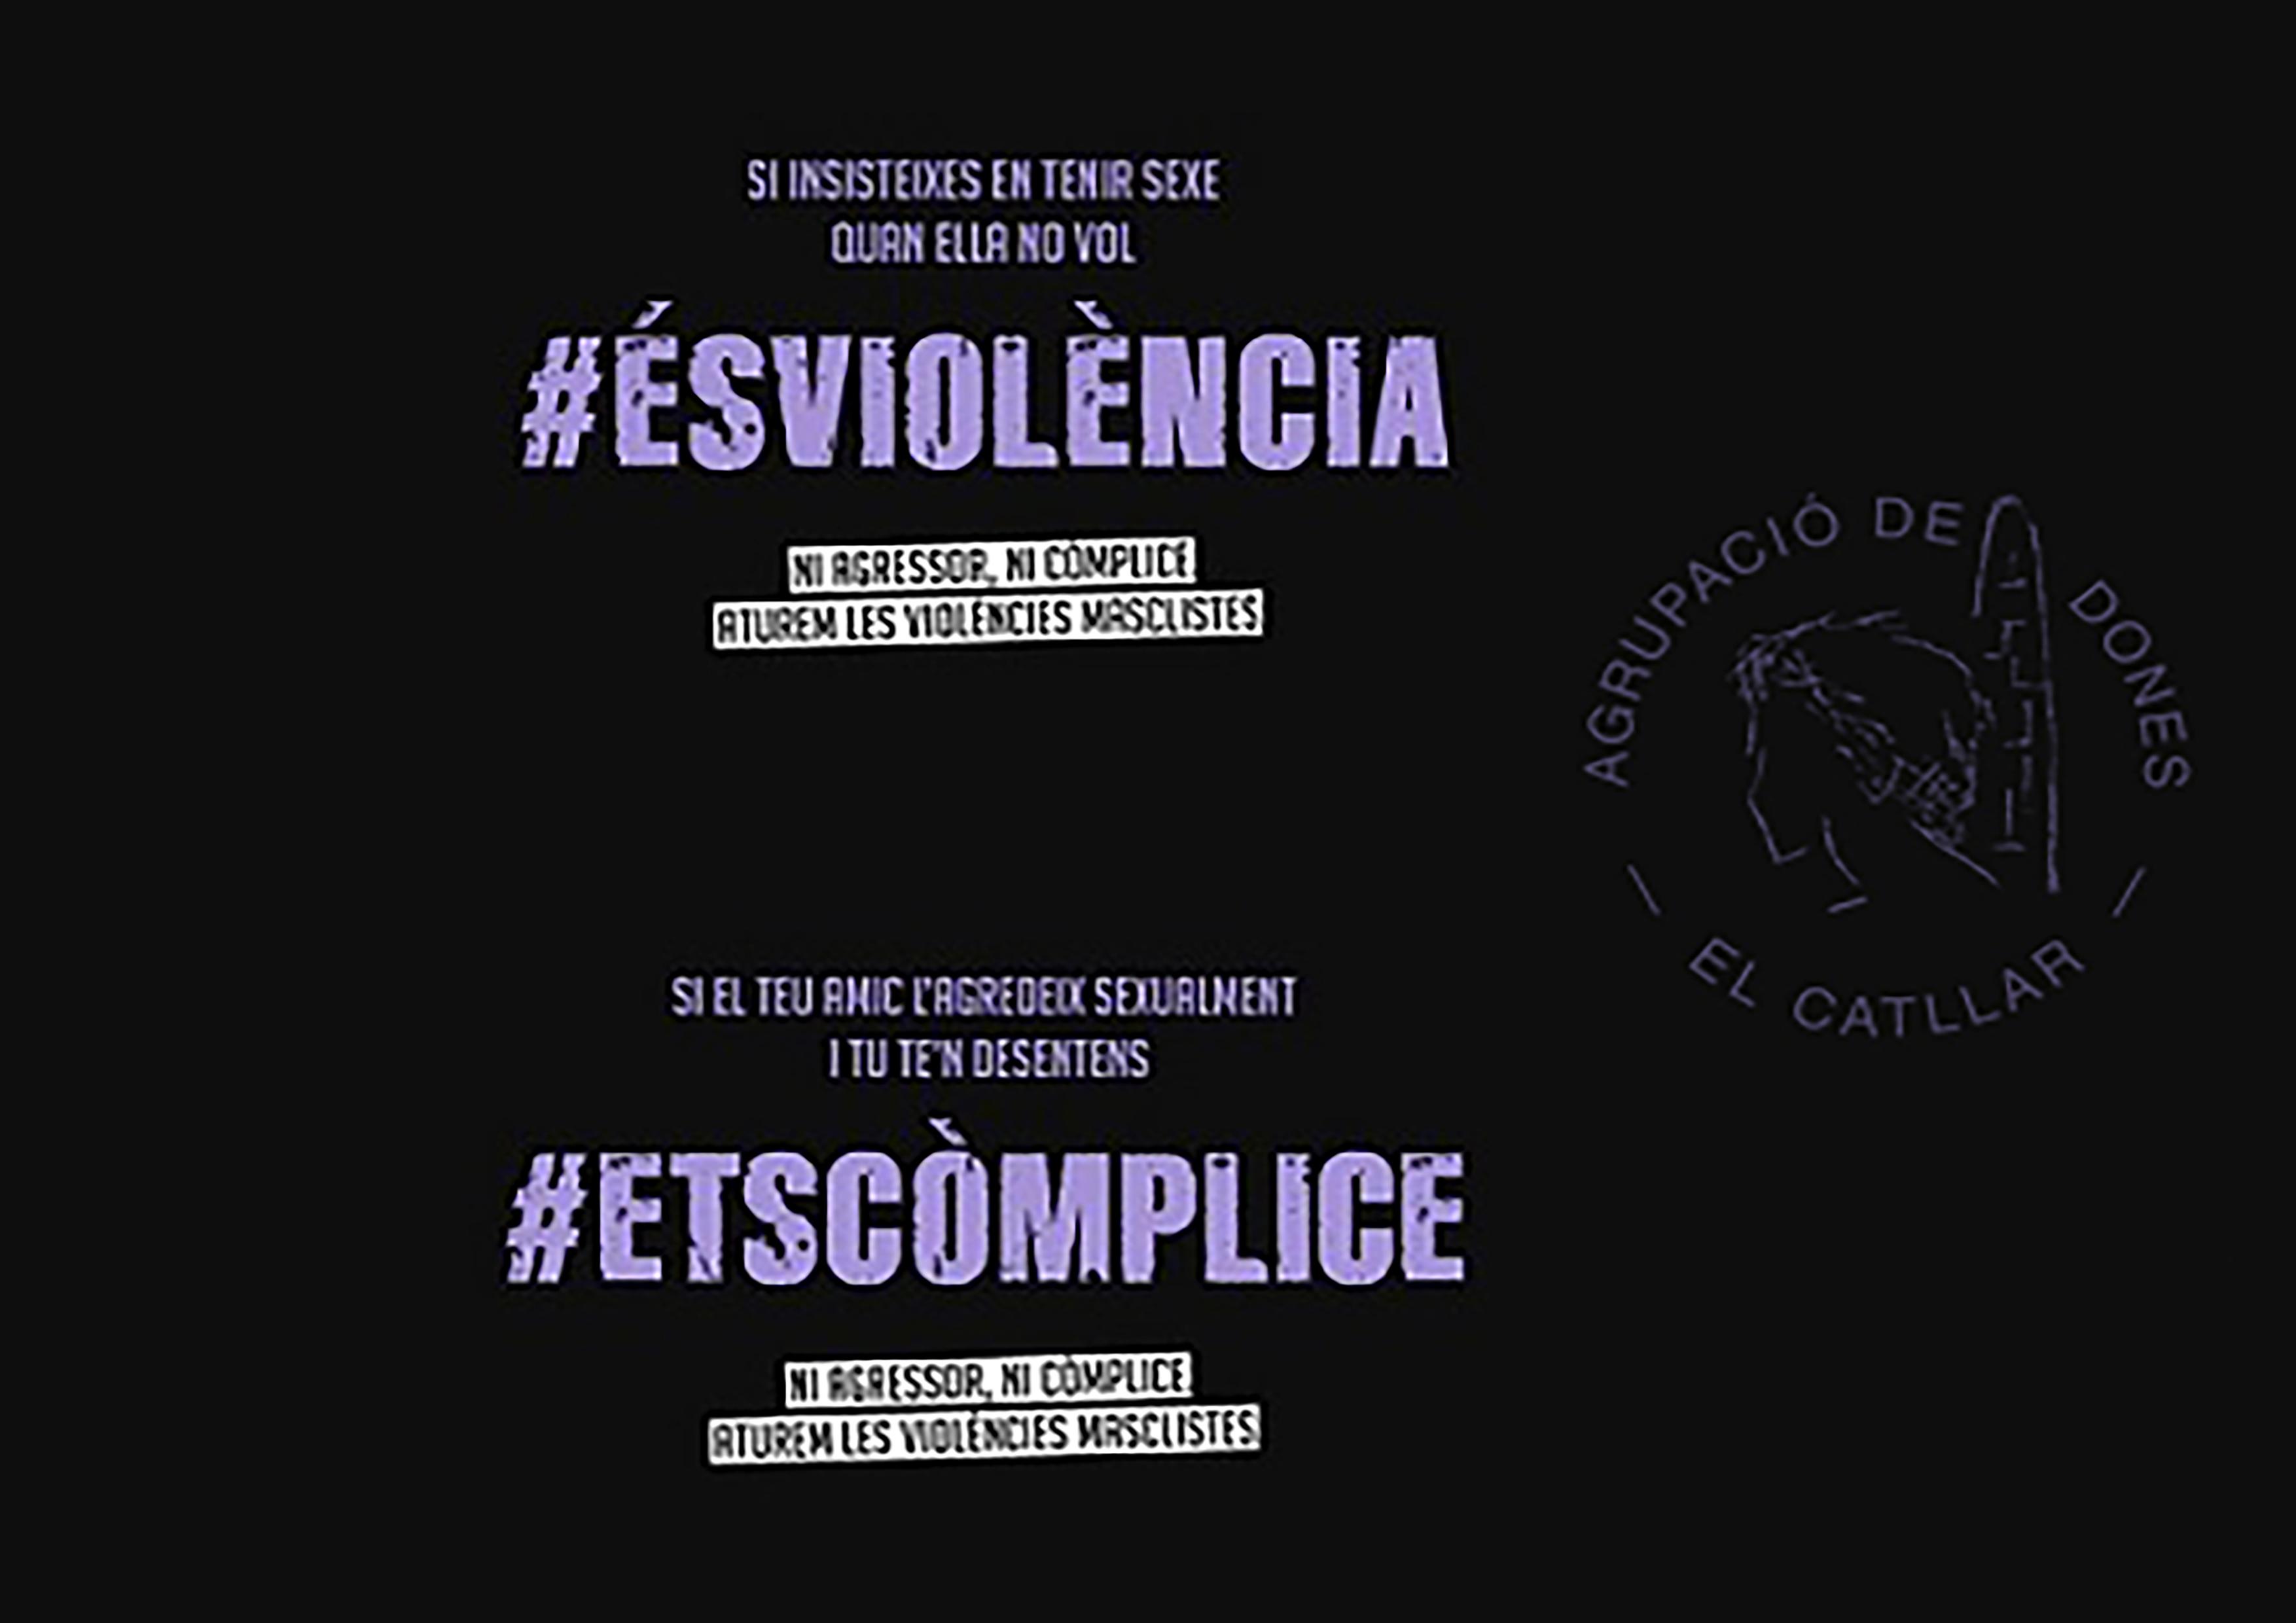 25N DÍA INTERNACIONAL PARA LA ELIMINACIÓN DE LA VIOLENCIA DE GÉNERO – AGRUPACIÓN DE MUJERES DEL CATLLAR